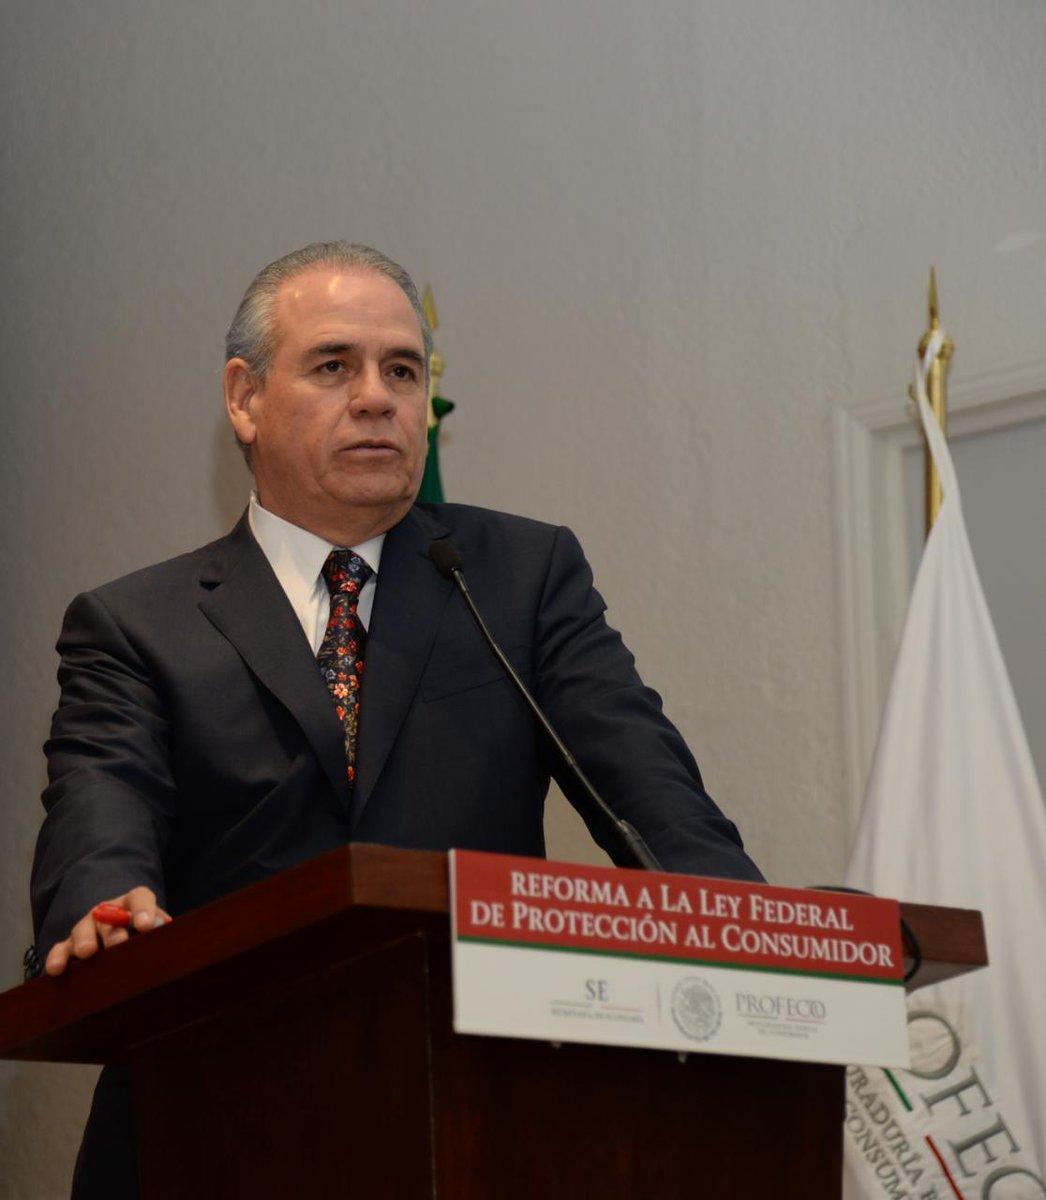 Mensaje del C. Procurador Federal del Consumidor, Lcdo. Rogelio Cerda Pérez